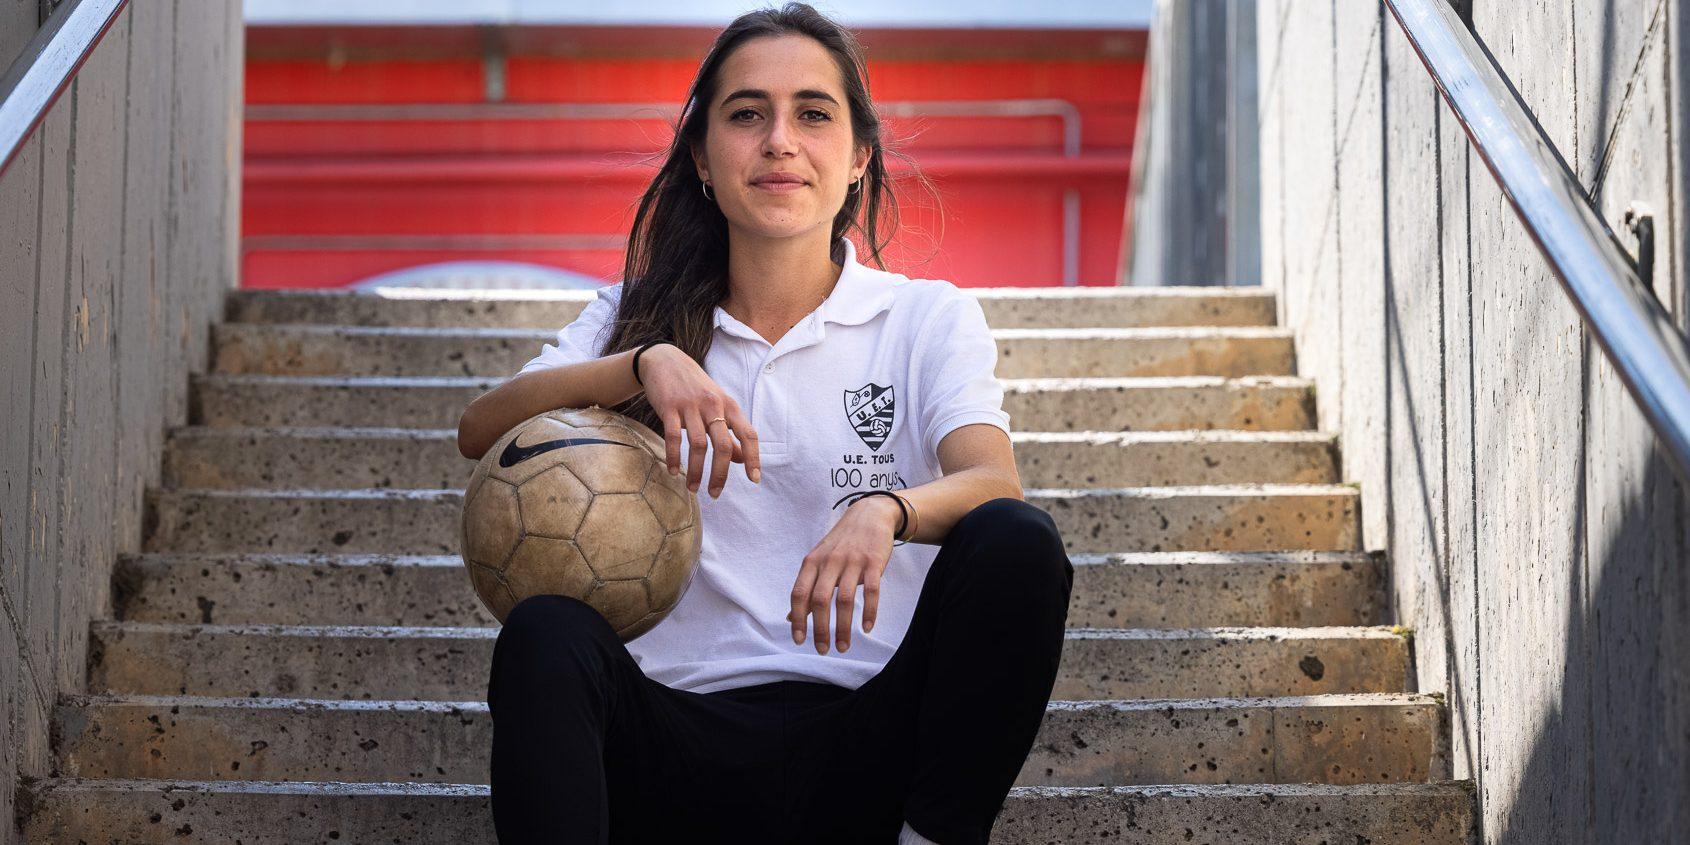 Miti Vendrell, entrenadora de la Unió Esportiva Tous | Jordi Borràs